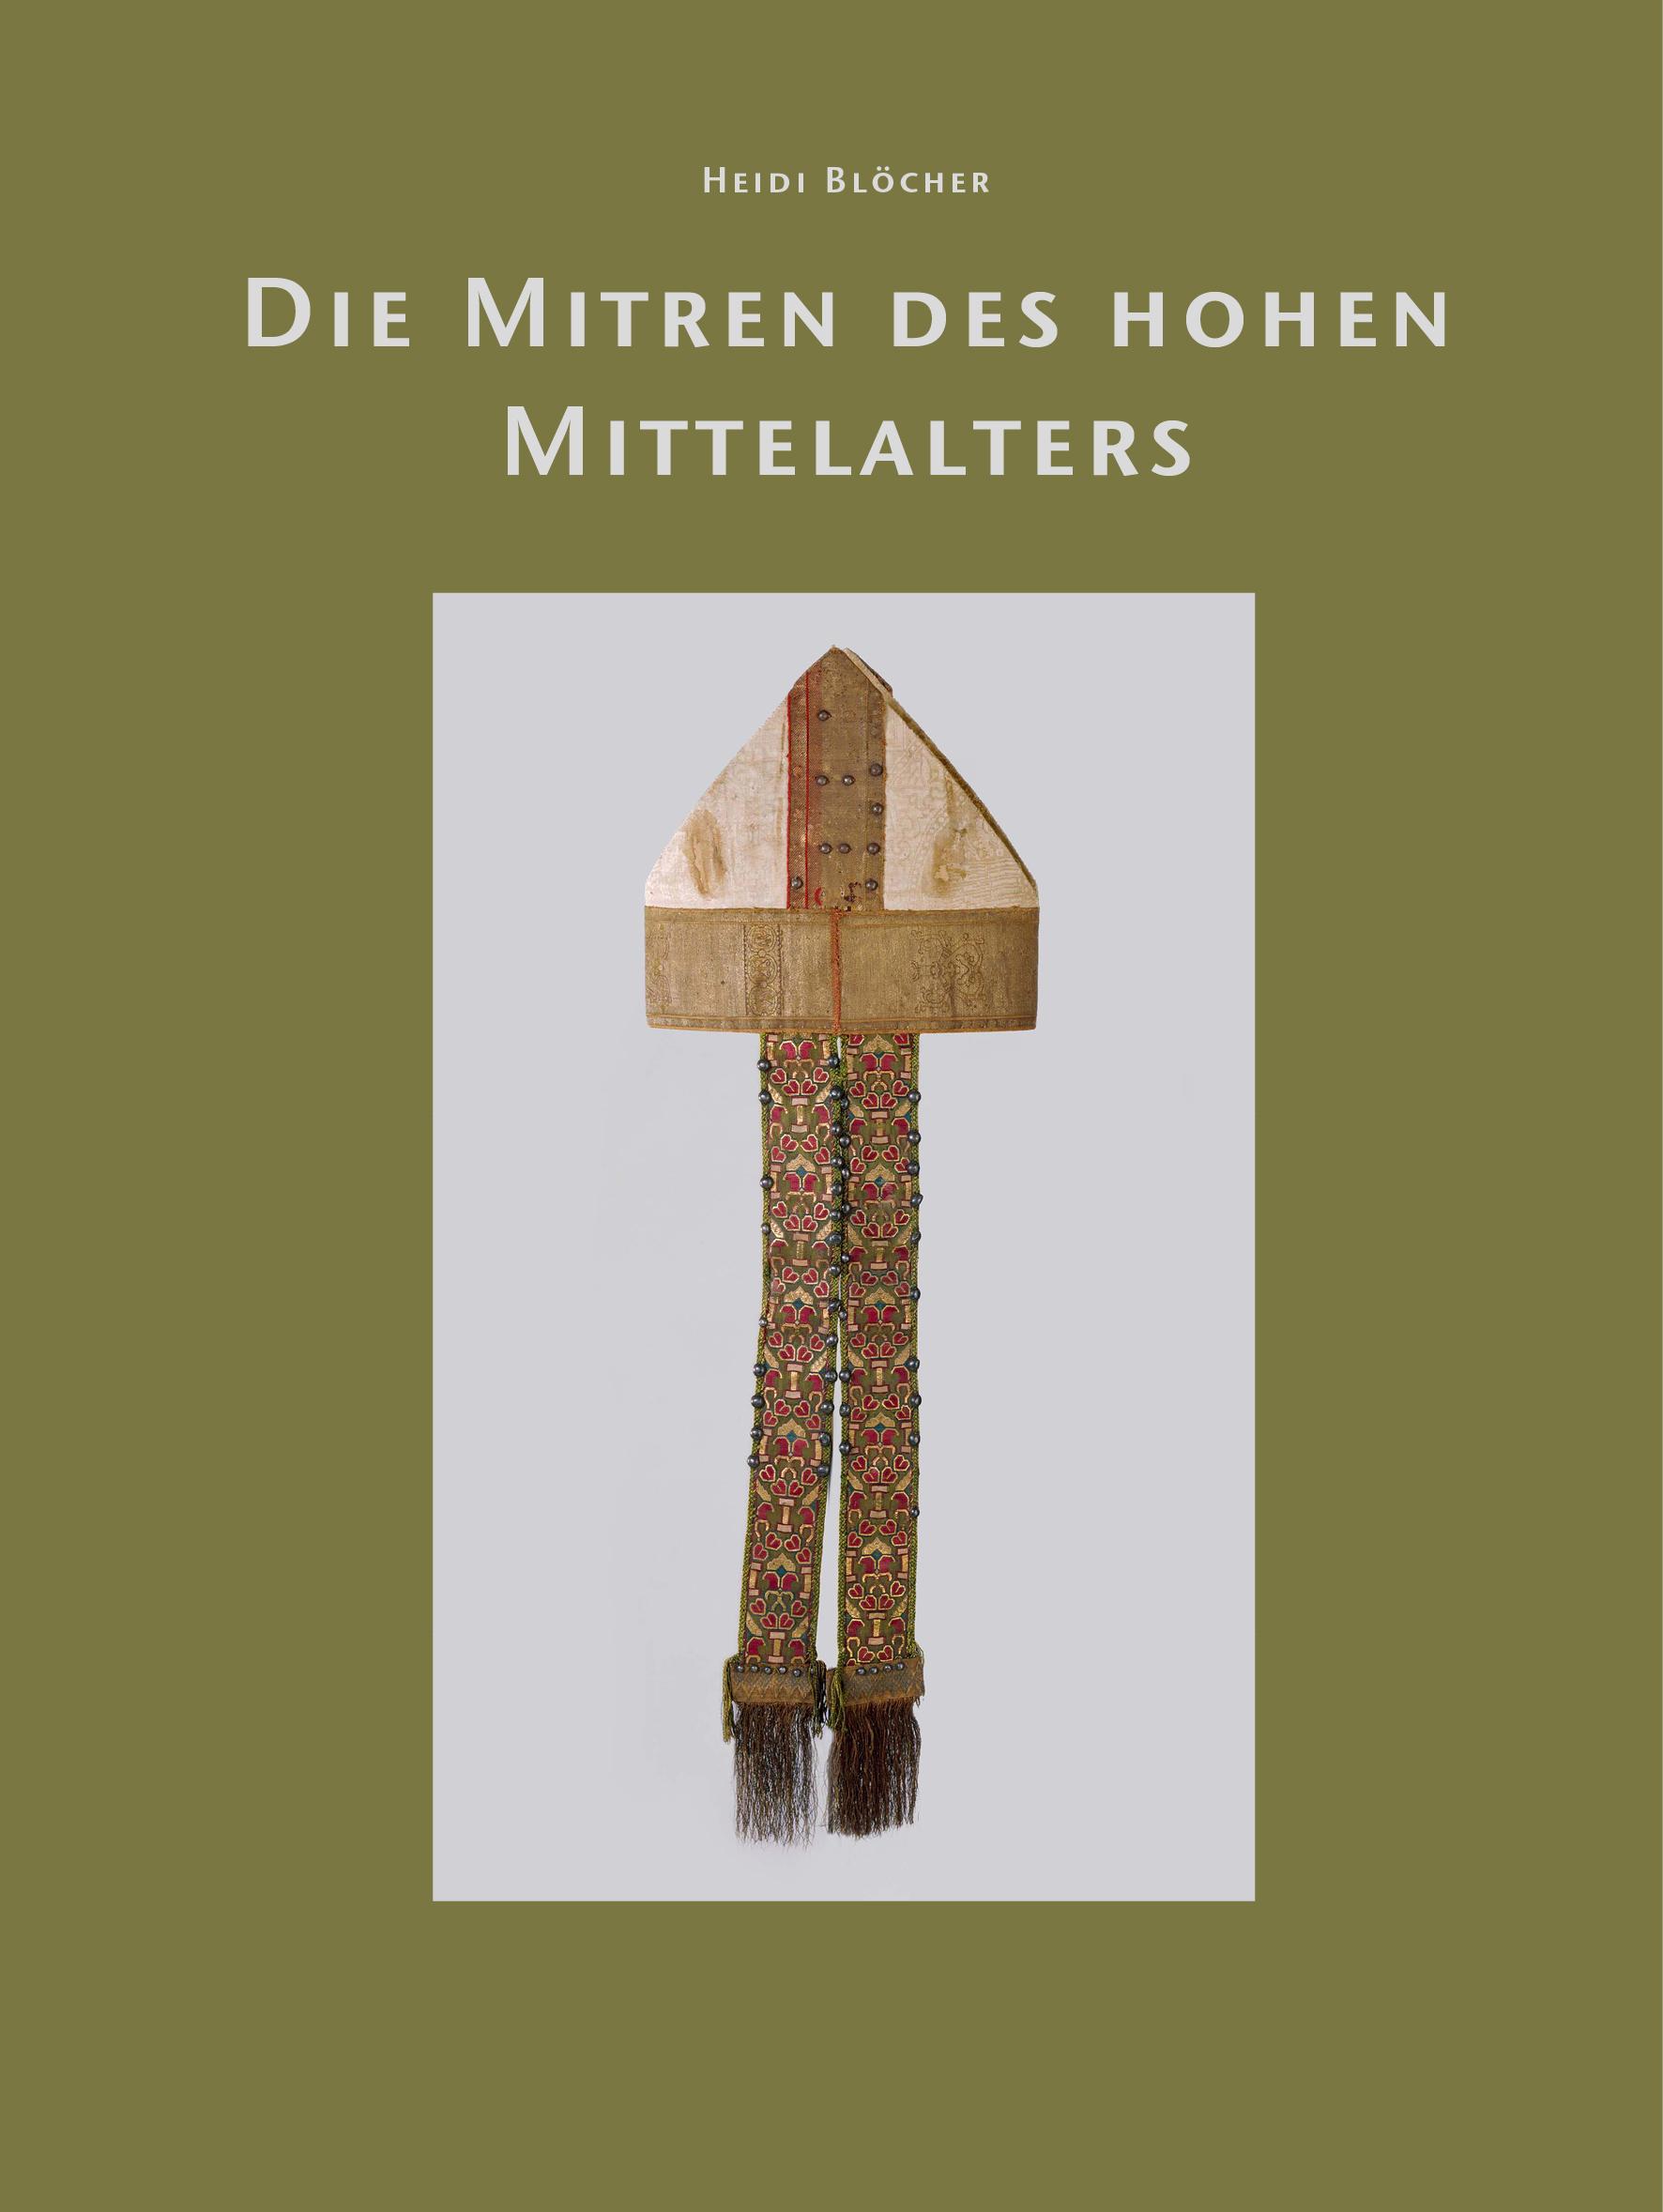 Die Mitren des hohen Mittelalters - Abegg Stiftung